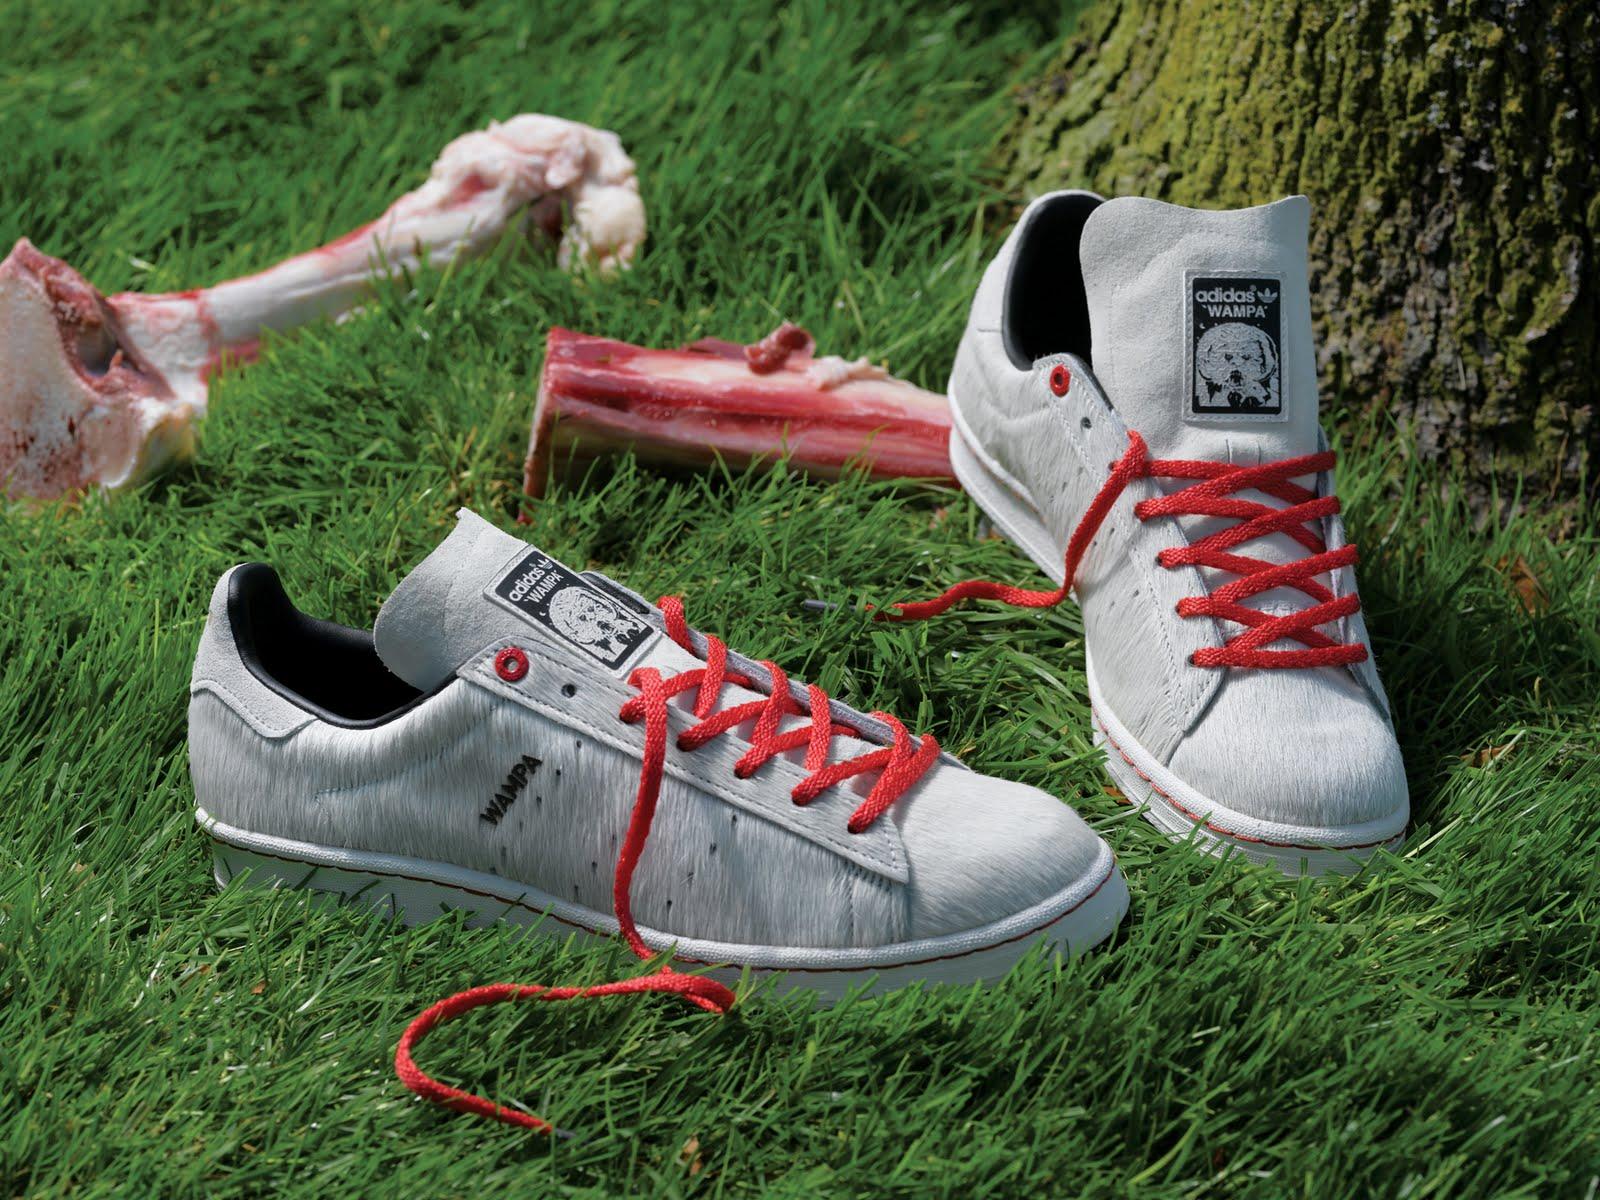 meine wampa blog: adidas star - wars - herbst / winter 2011